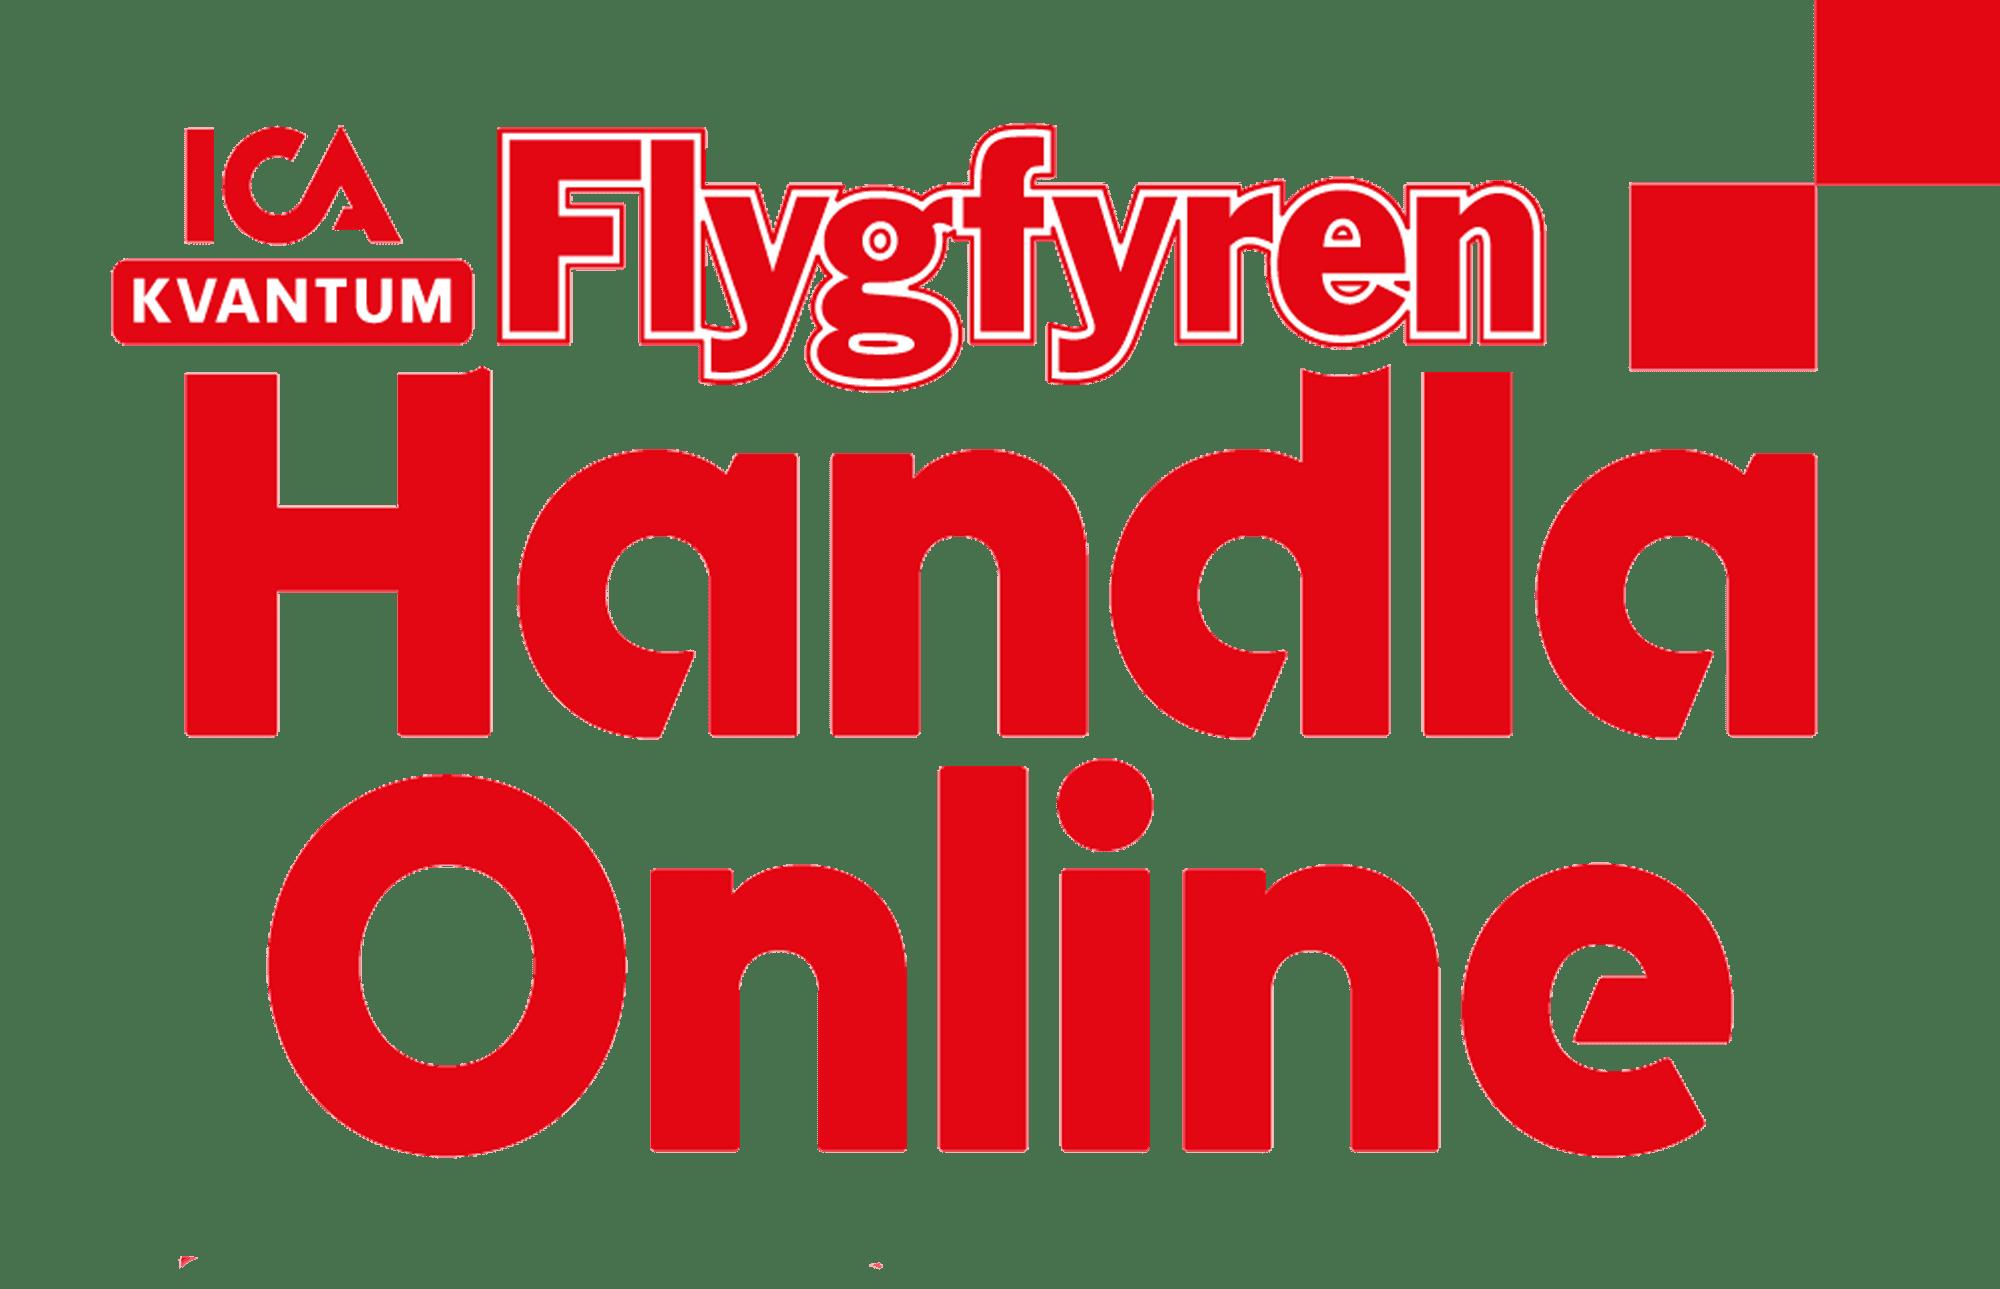 ica online flygfyren